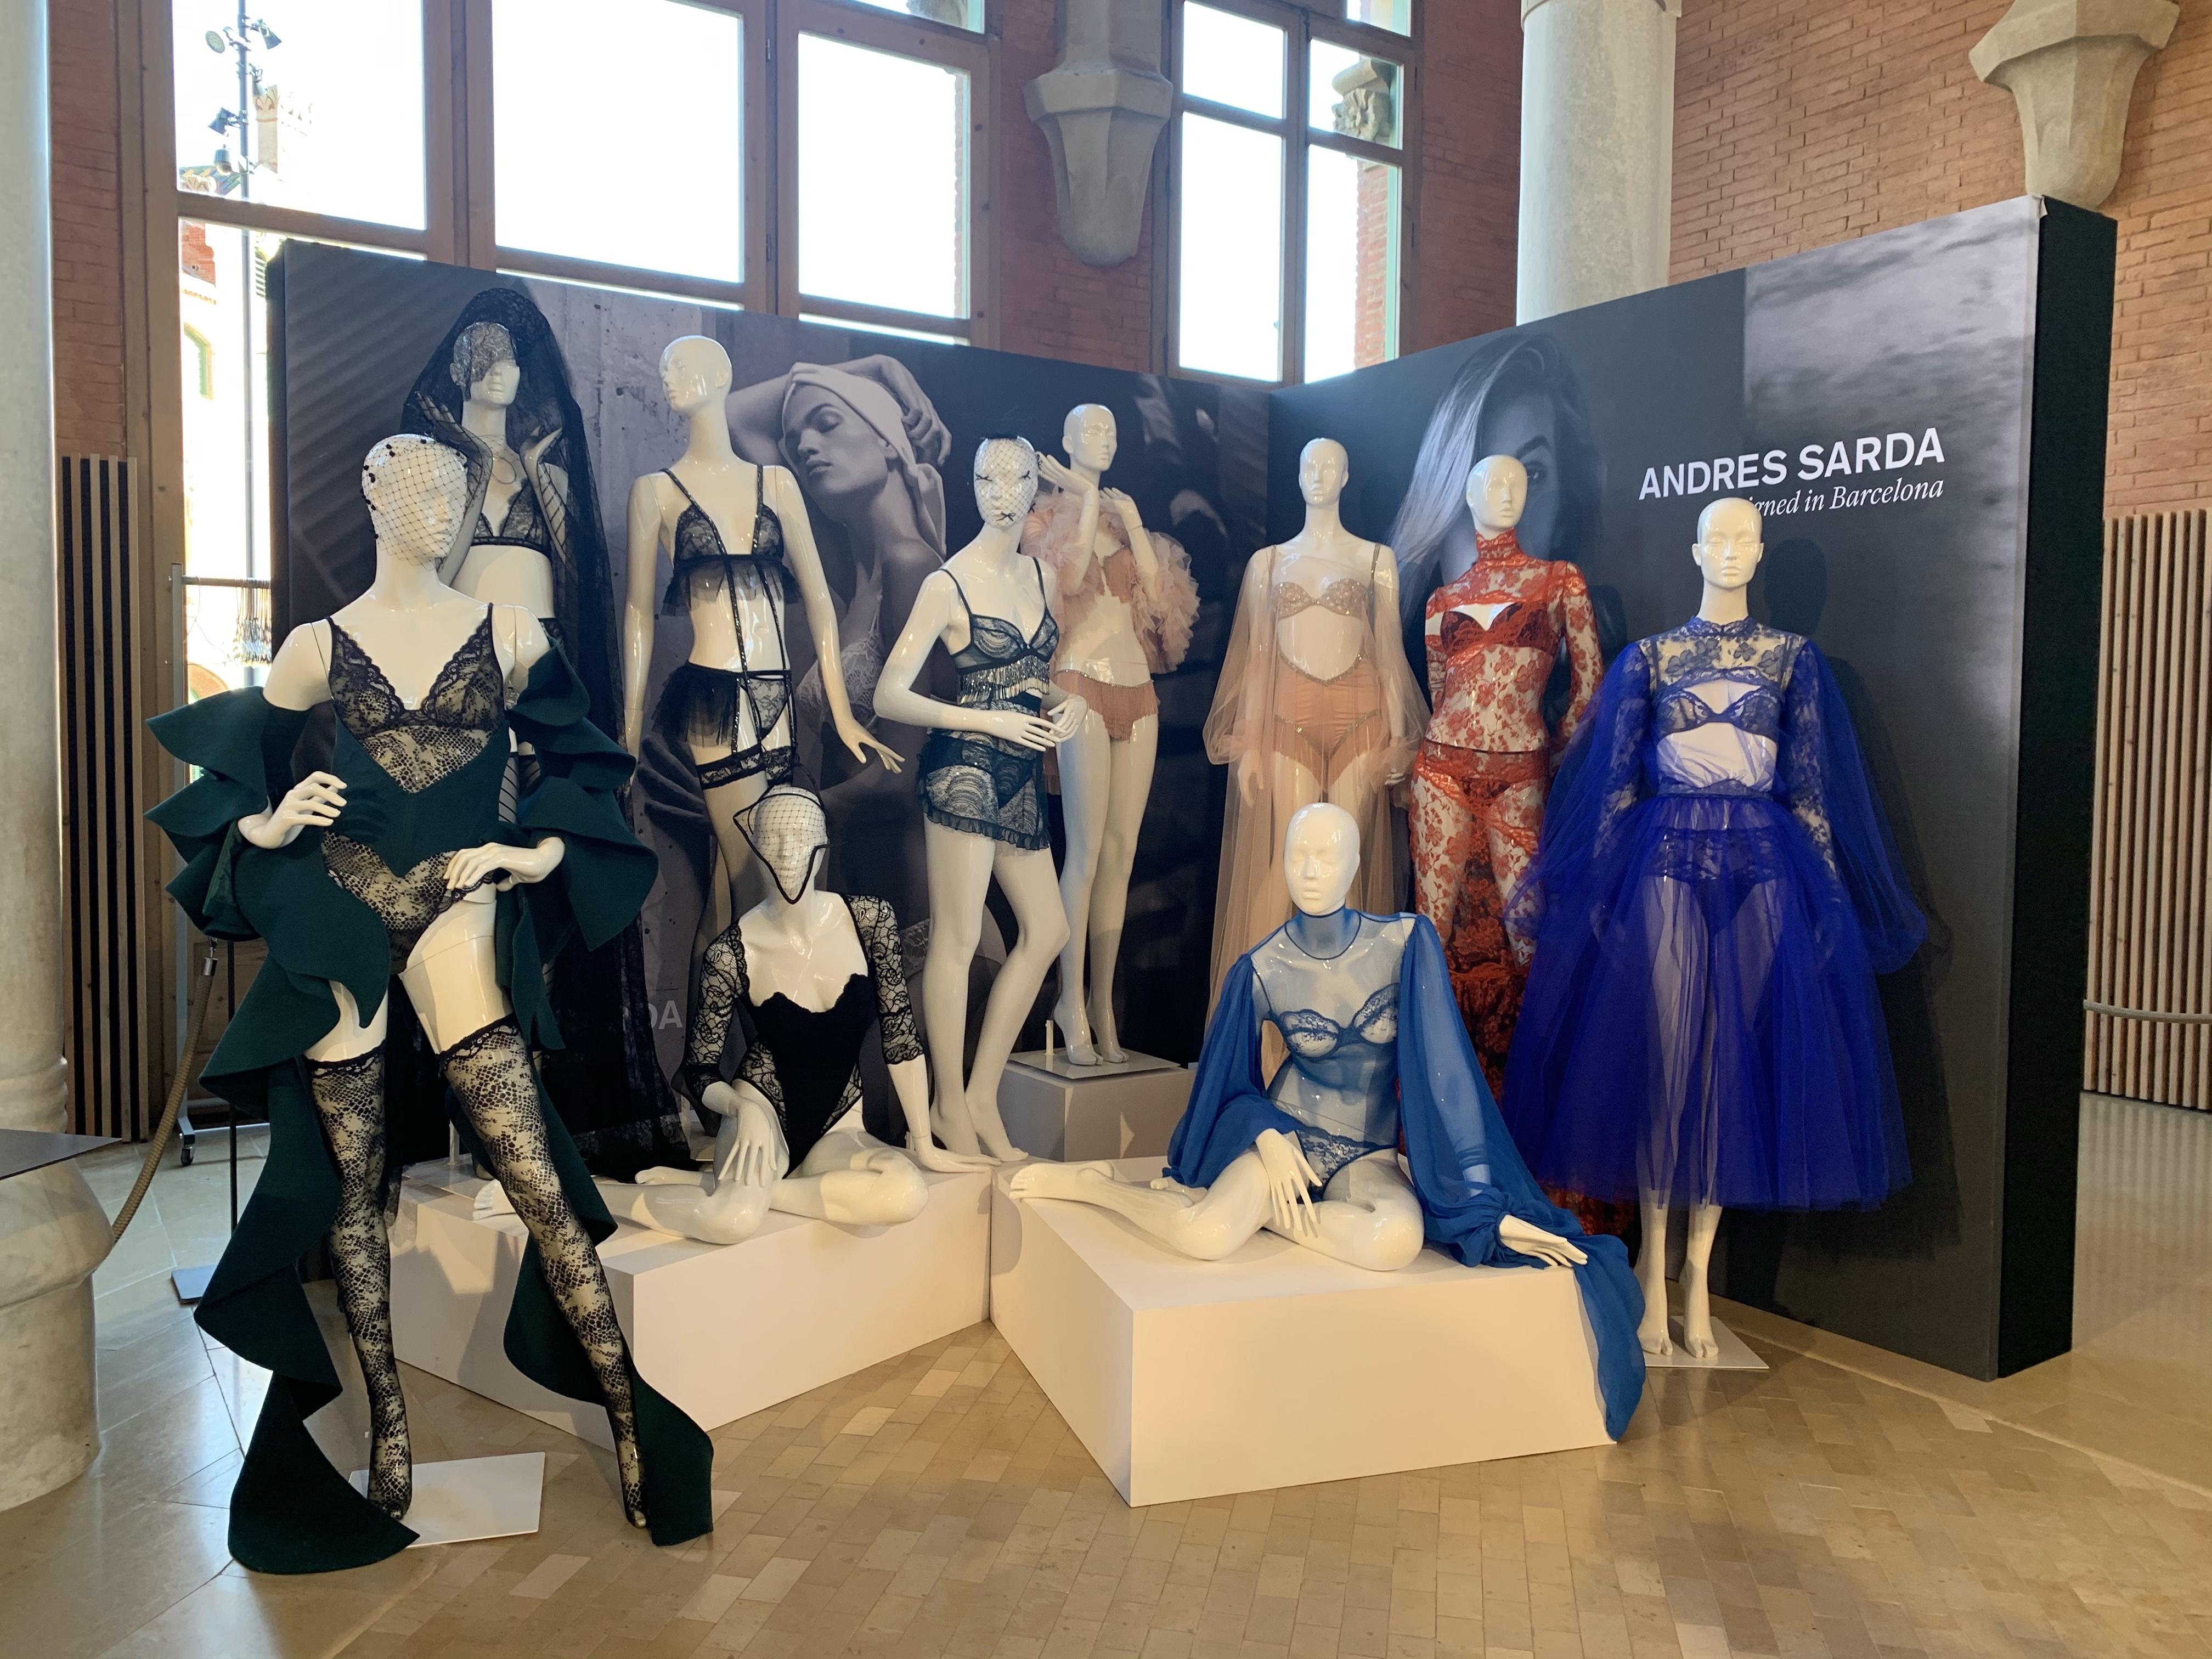 Andres-sarda-exposicion-080-bcn-fashion-barcelona-lenceria-moda-style